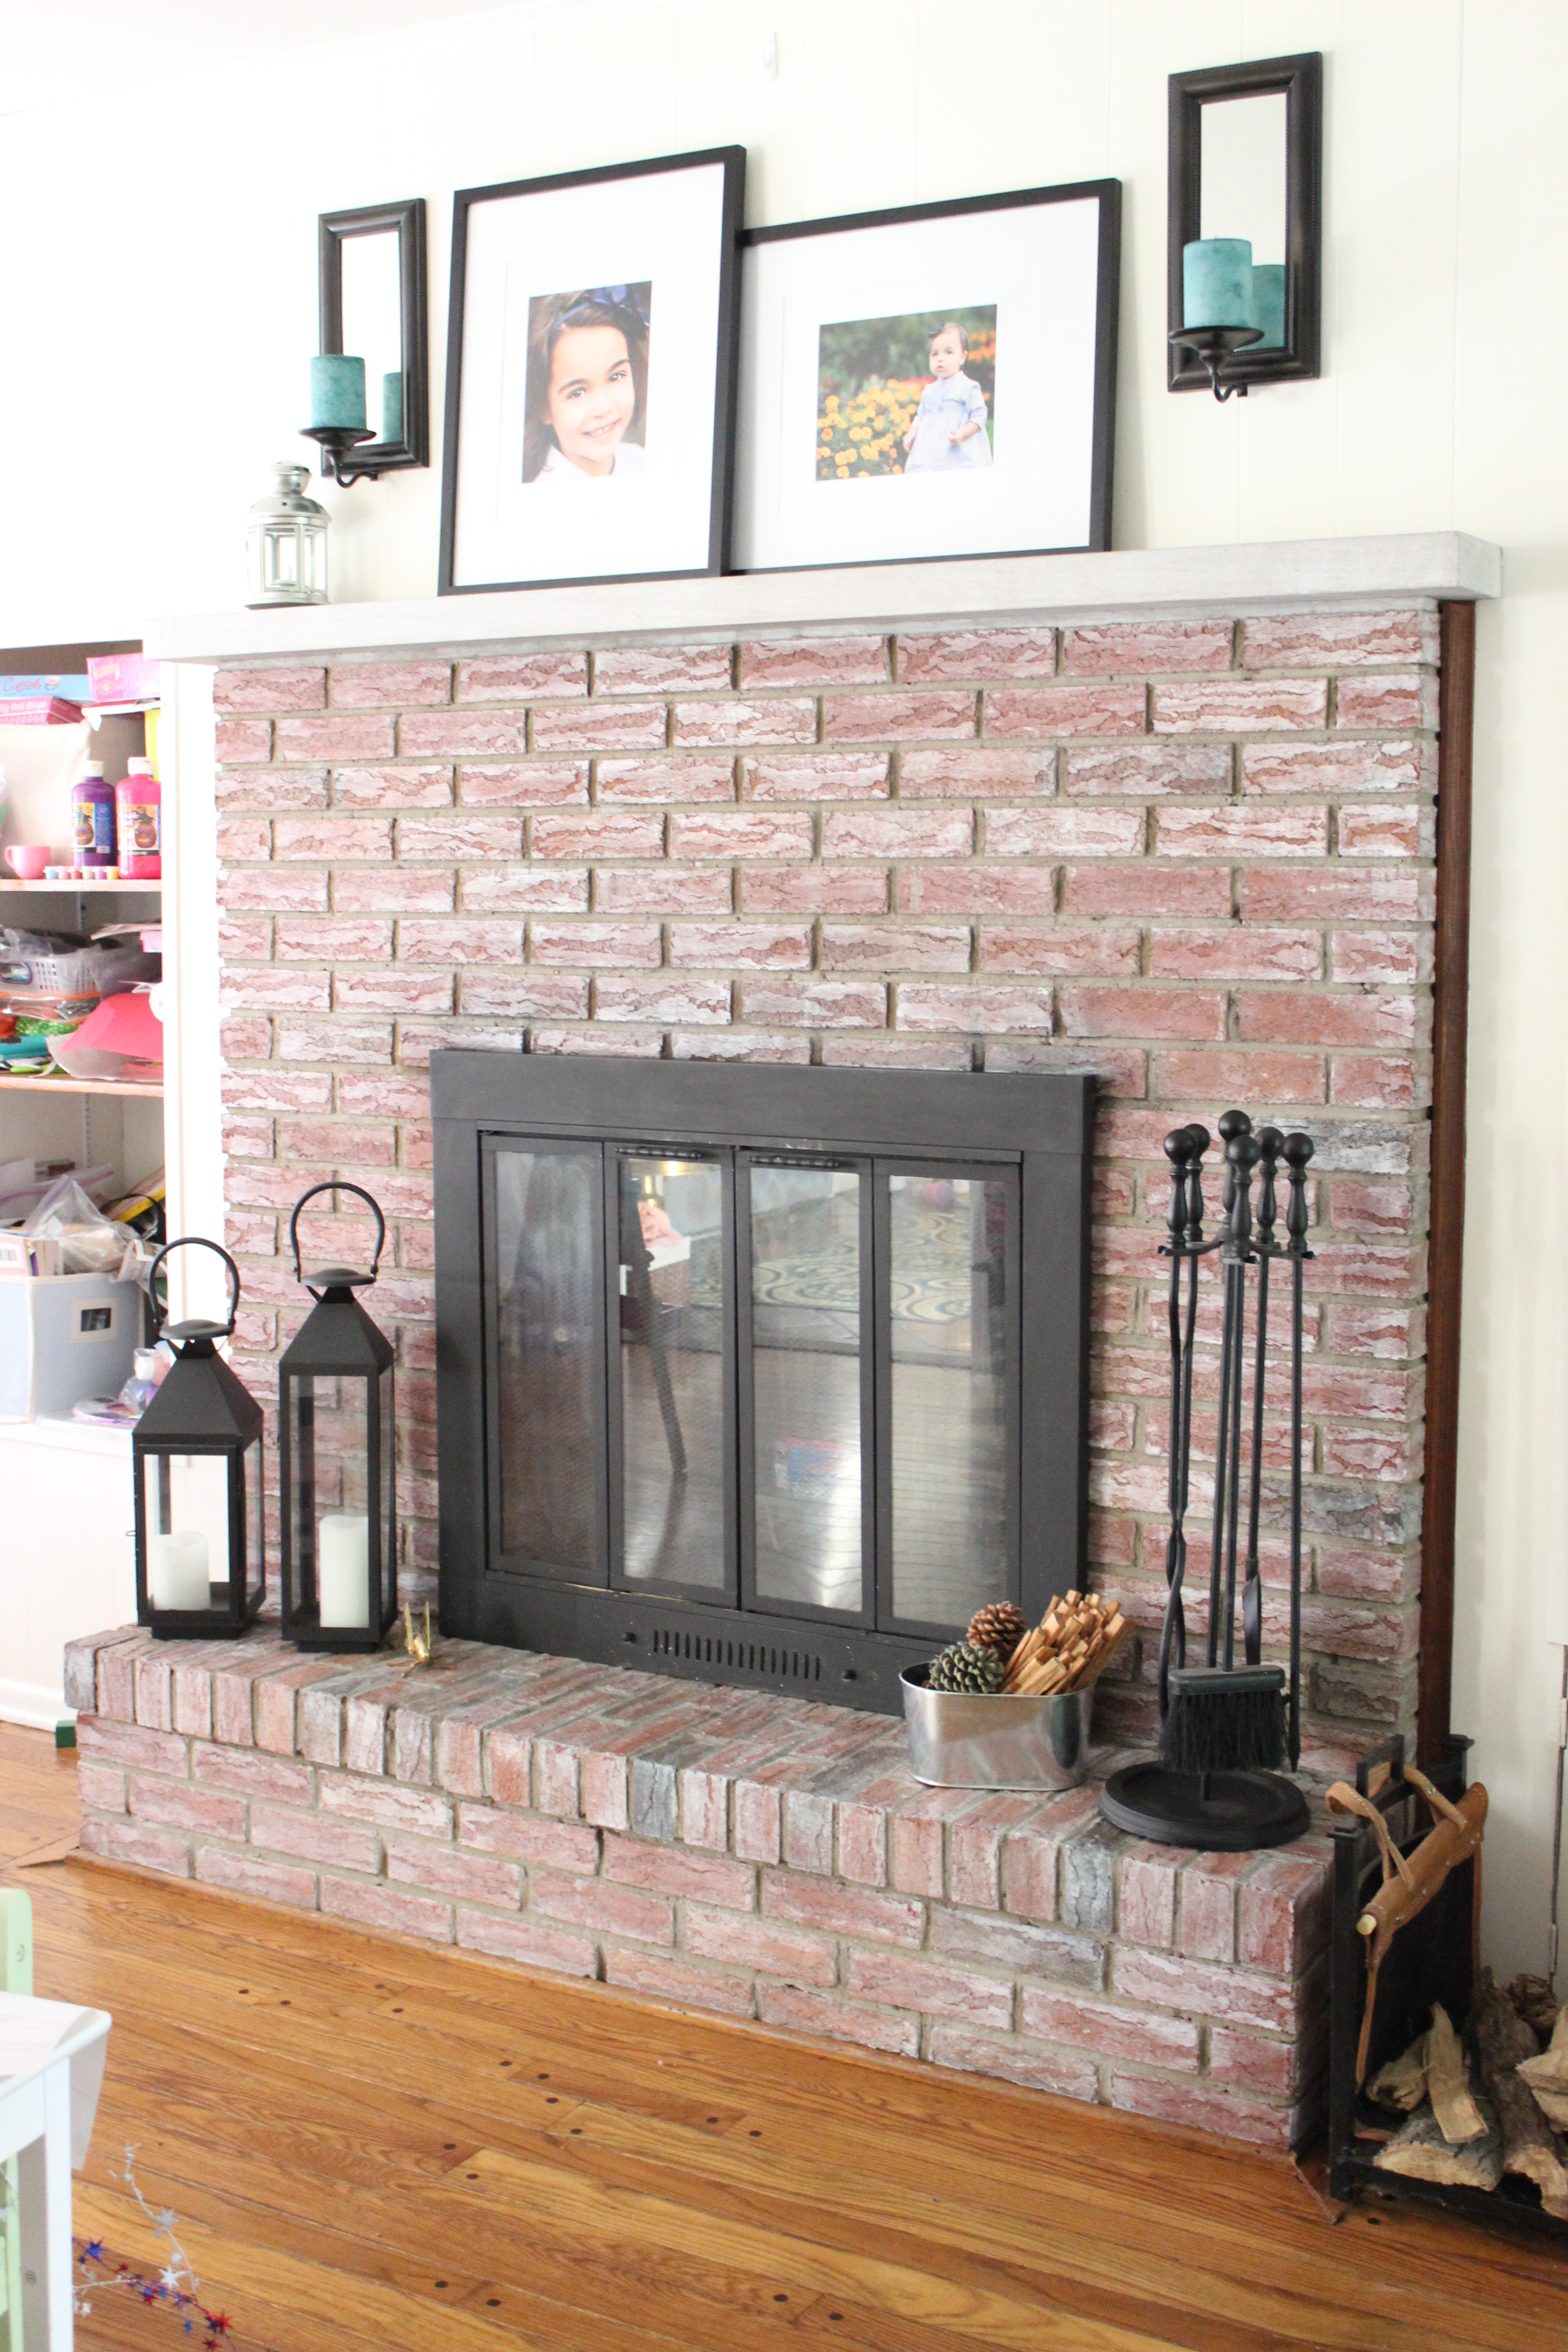 whitewashed brick fireplace live creatively inspired